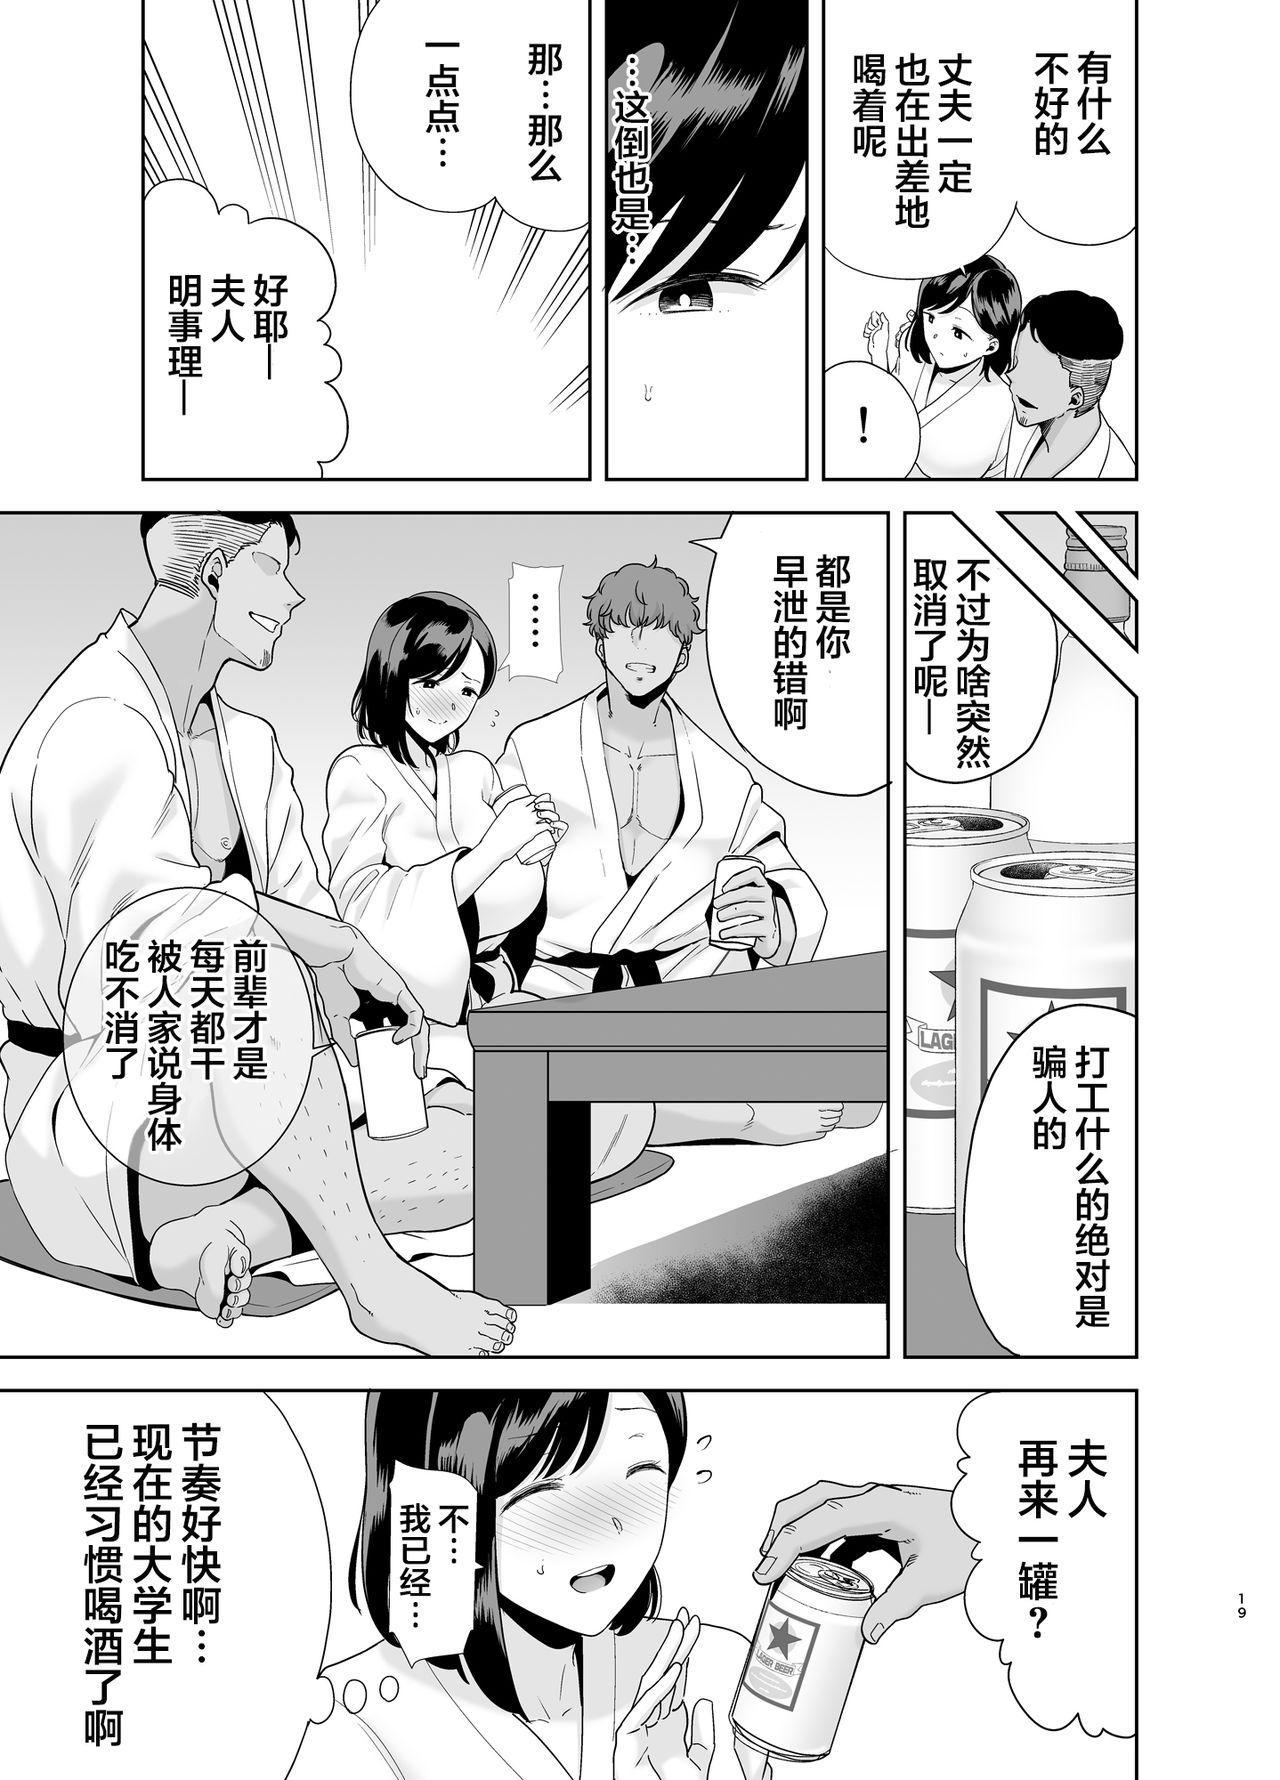 [DOLL PLAY (Kurosu Gatari)] Natsuzuma ~Natsu, Ryokan, Nanpa Otoko-tachi ni Ochita Tsuma~ Megane Nashi [Chinese] [翻车汉化组] 17